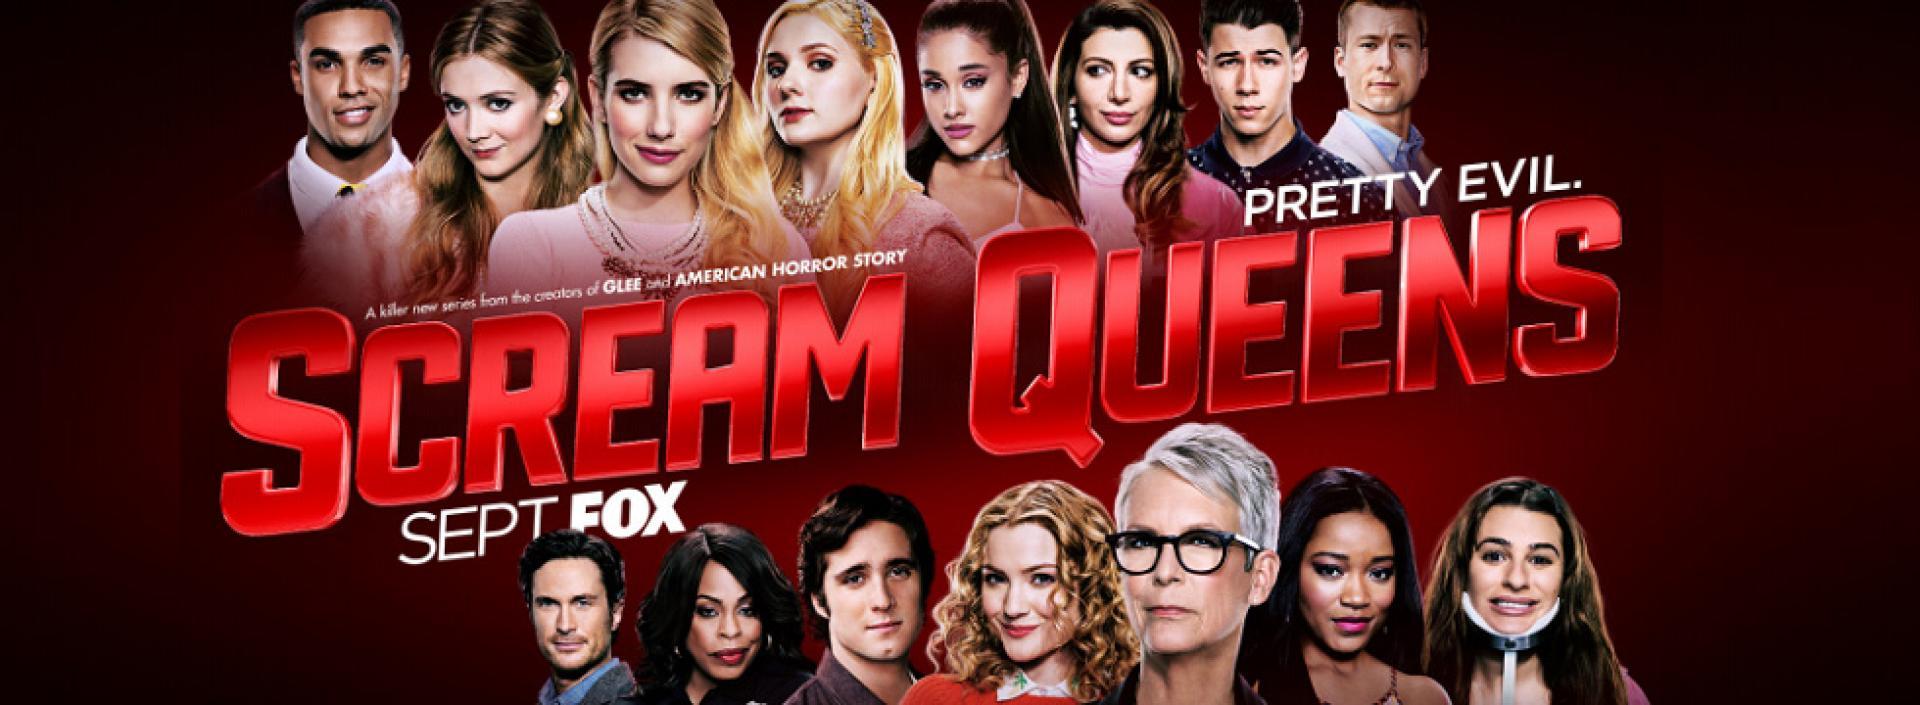 Scream Queens 1x10